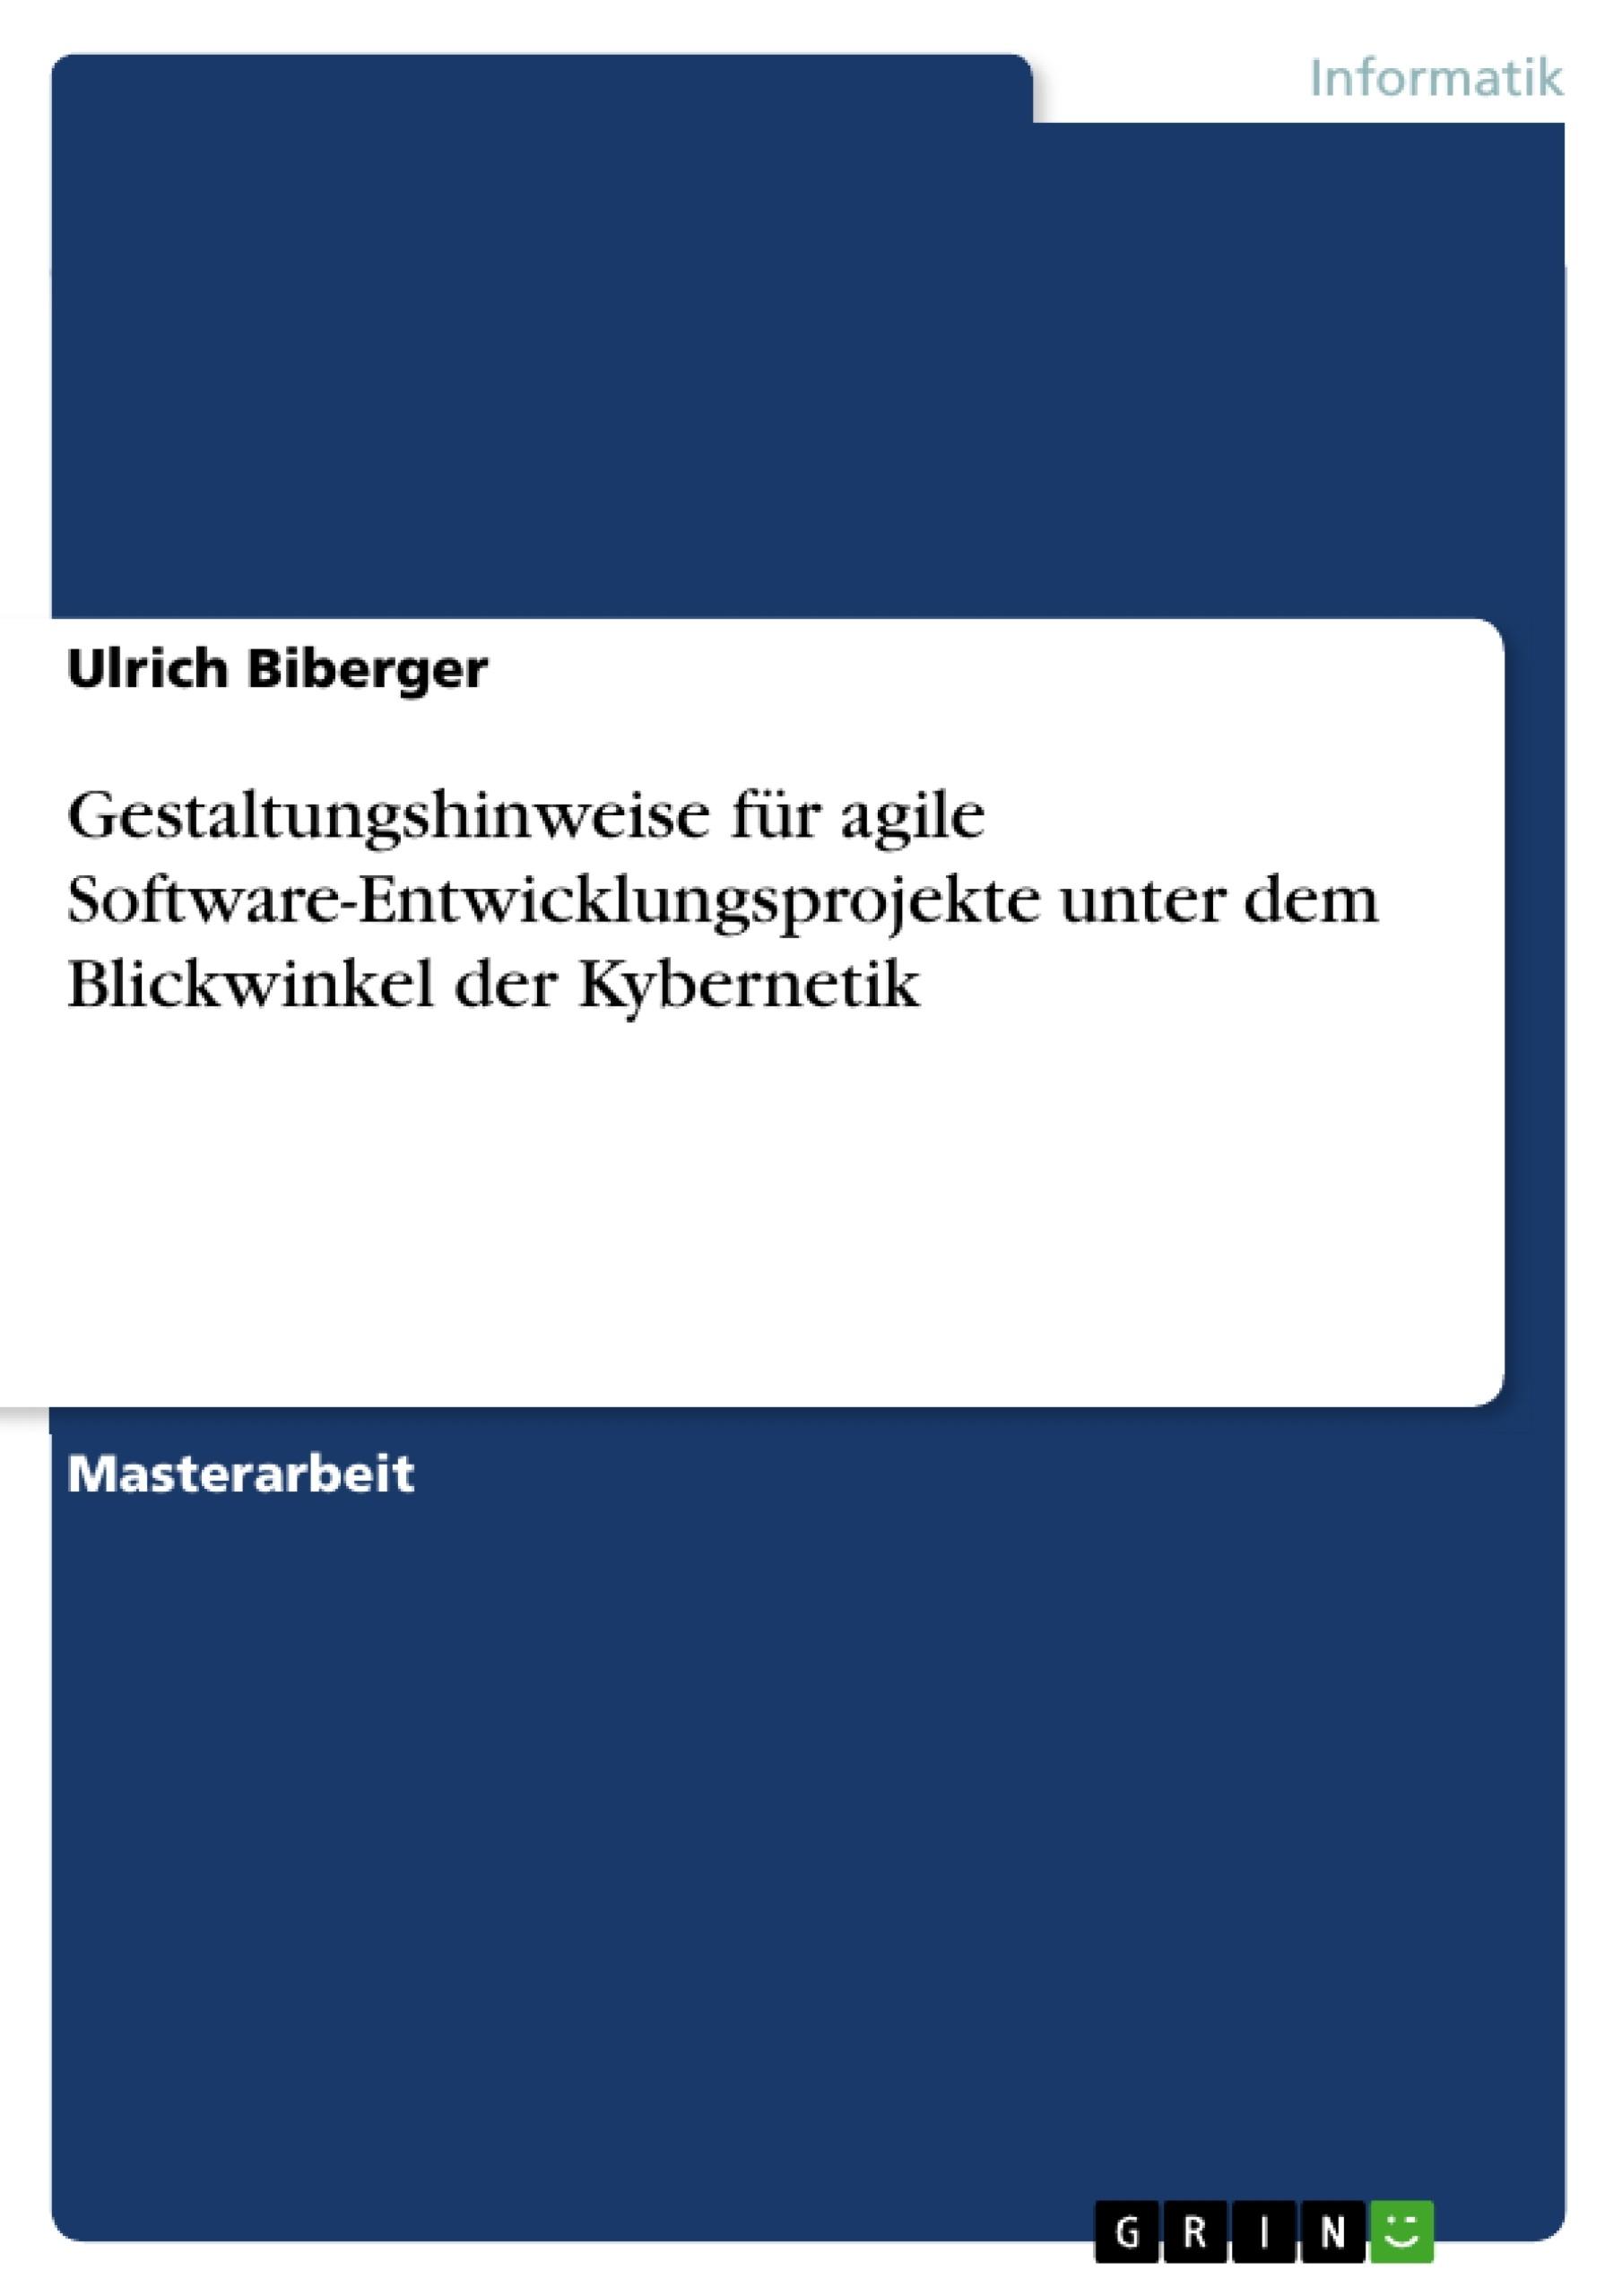 Titel: Gestaltungshinweise für agile Software-Entwicklungsprojekte unter dem Blickwinkel der Kybernetik